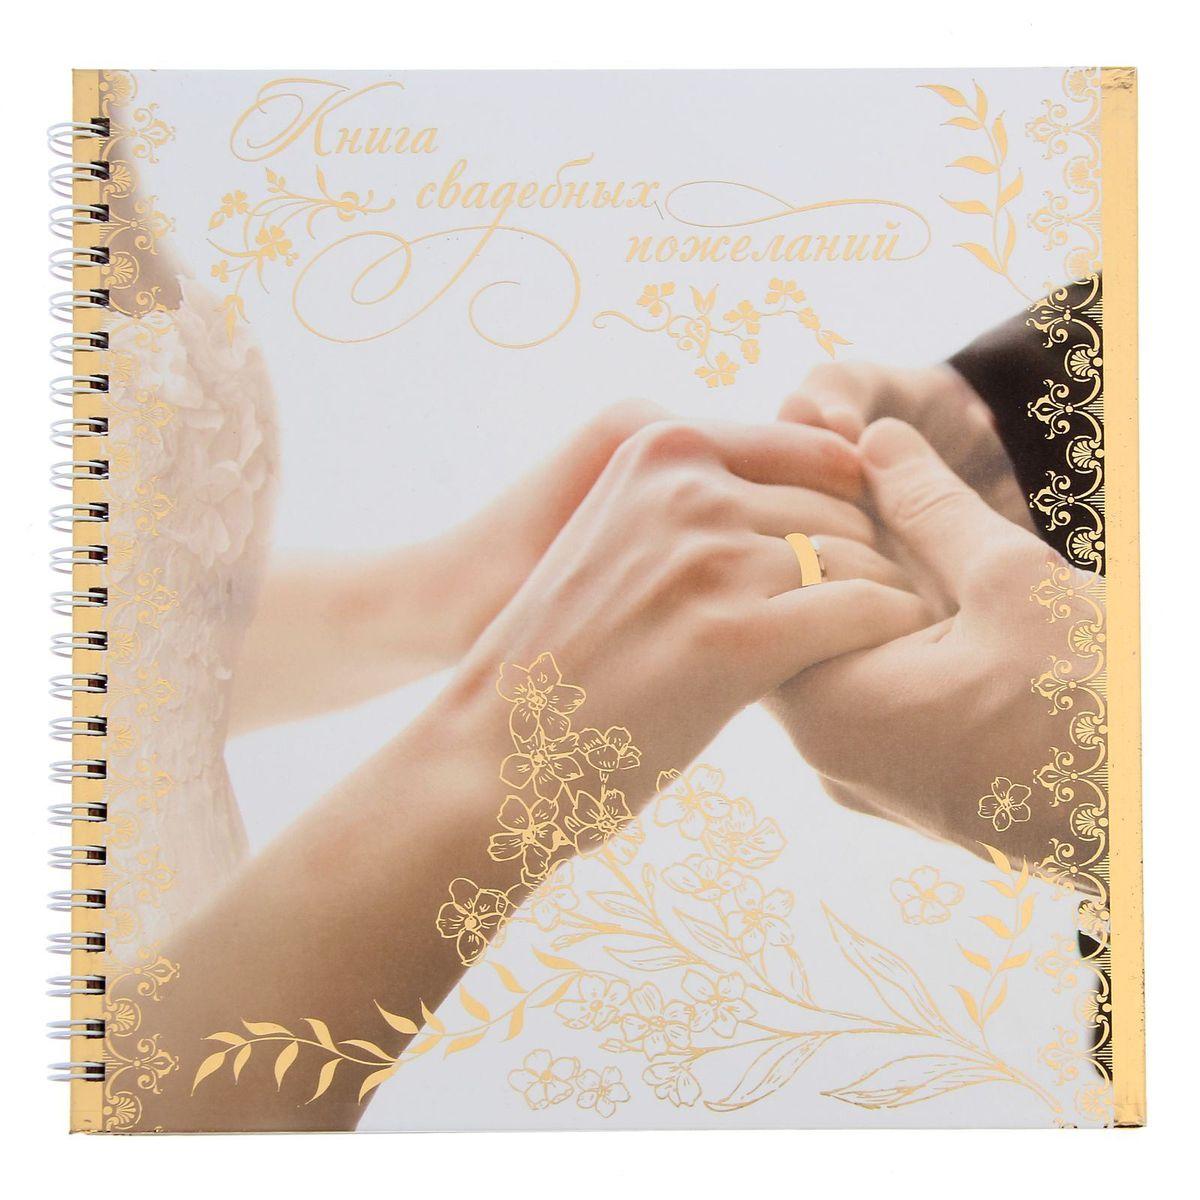 Sima-land Книга свадебных пожеланий Пусть наша нежность и любовь... на пружине, 40л., 21,7 х 21 см1182860Теперь добрые слова и светлые поздравления останутся с вами на всю жизнь. Через много лет, перечитывая эту чудесную книгу, вы вместе со своей половинкой будете с улыбкой вспоминать о самом счастливом дне в вашей жизни. Сохраните счастливые воспоминания на долгие годы!